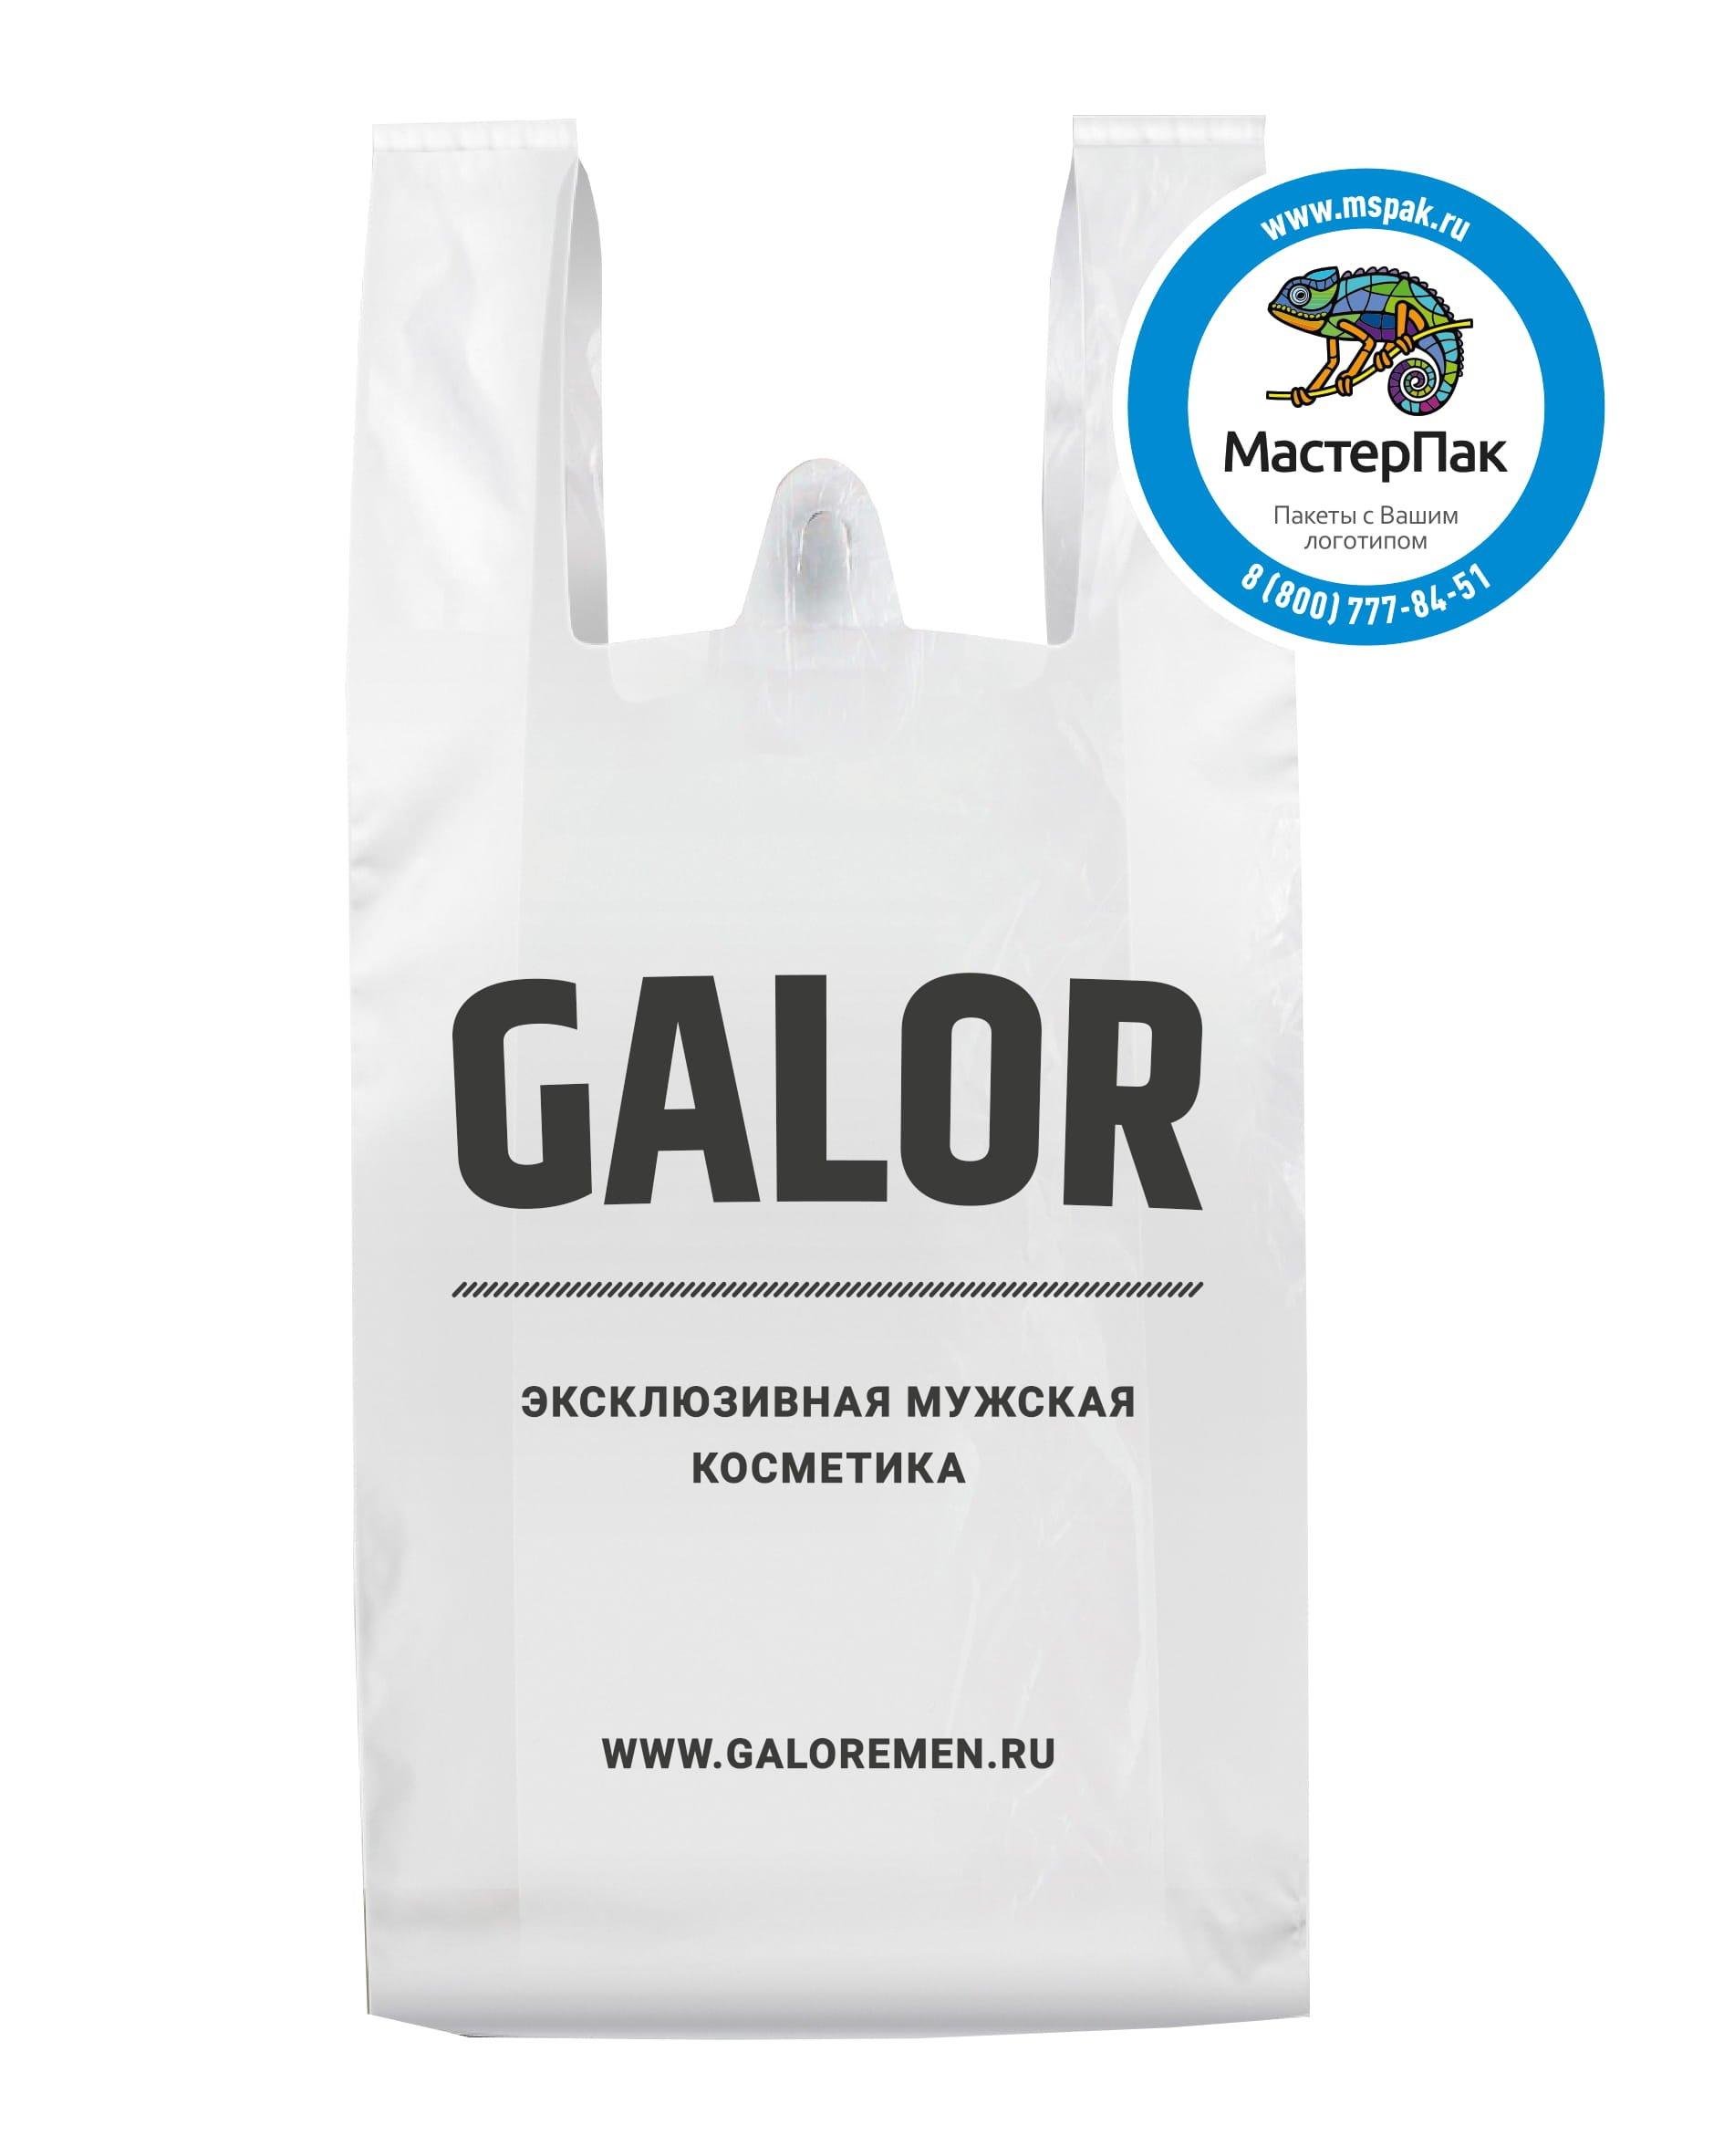 Пакет-майка ПВД с логотипом Galor, вырубная ручка, 30 мкм, 40*60, Калининград